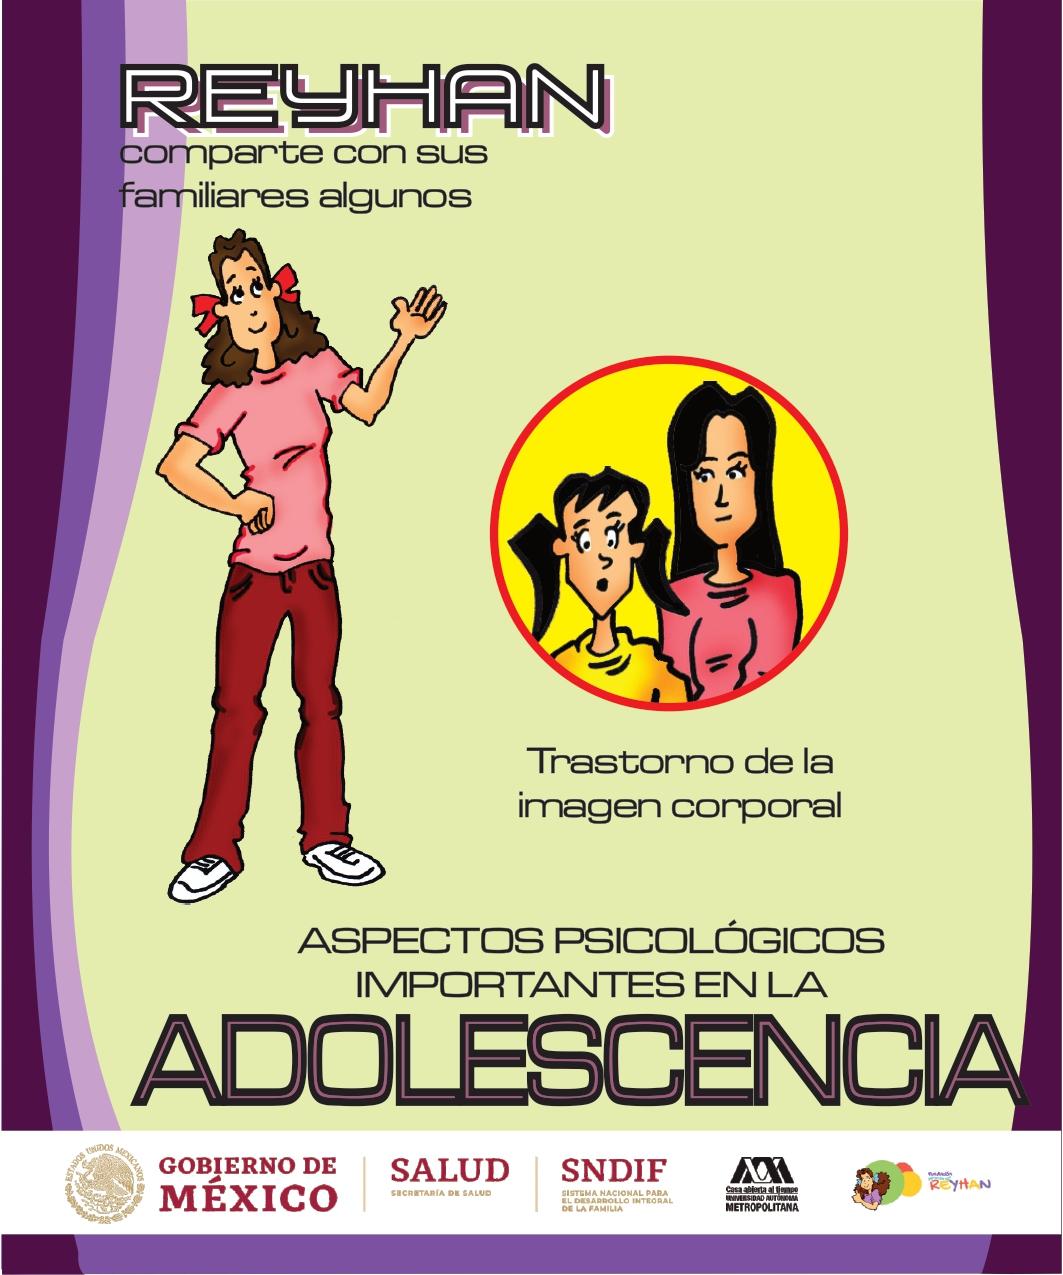 Psicología padres Reyhan cap2 digital_page-0001